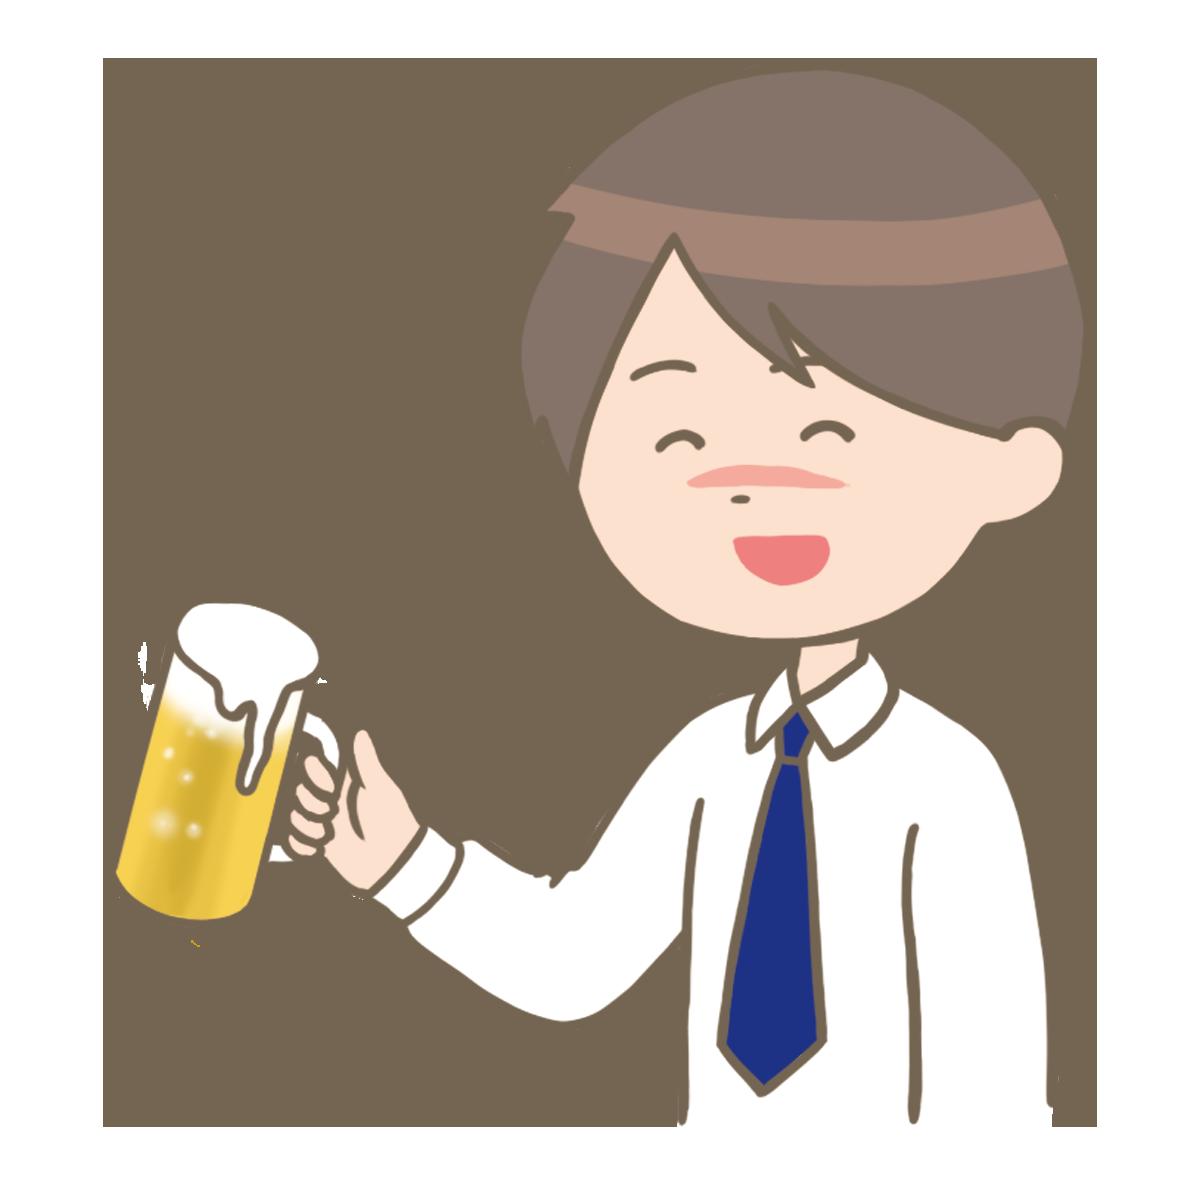 お酒を飲む男性のイラストフリー素材看護rooカンゴルー